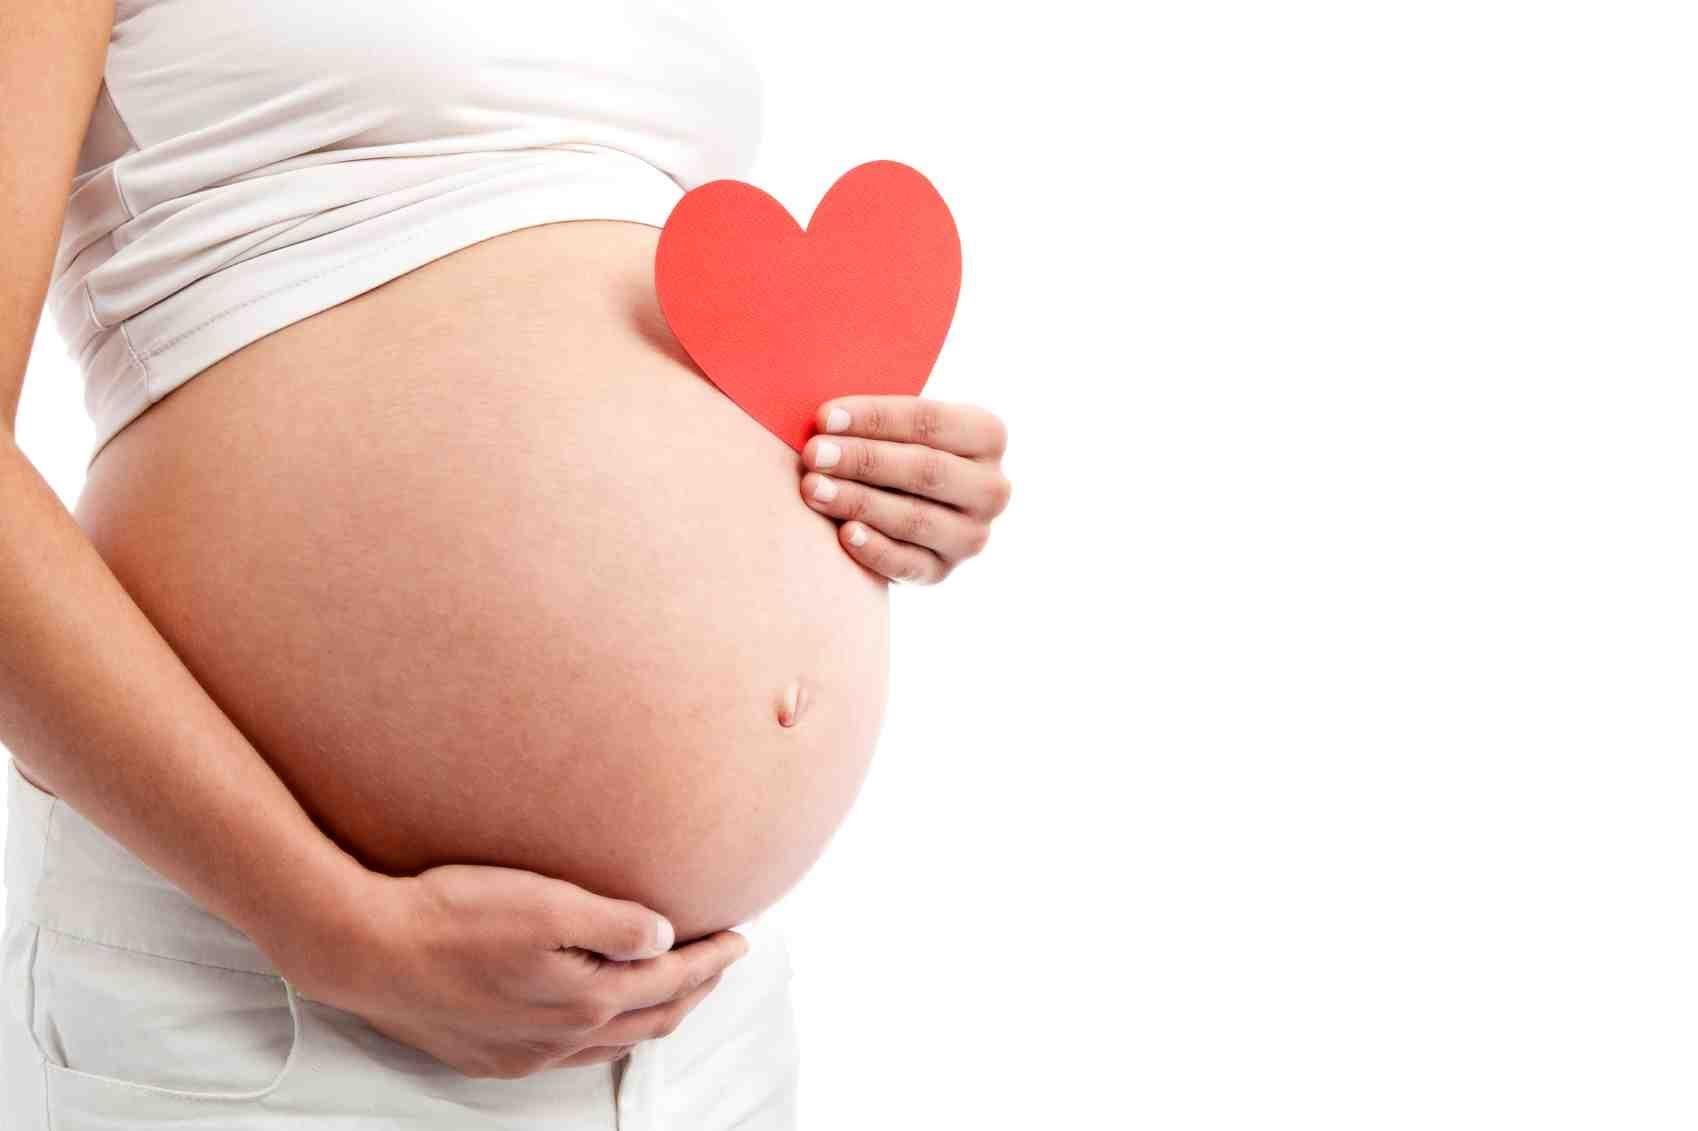 Просто удивительно: 10 фактов о матке, плаценте и околоплодных водах